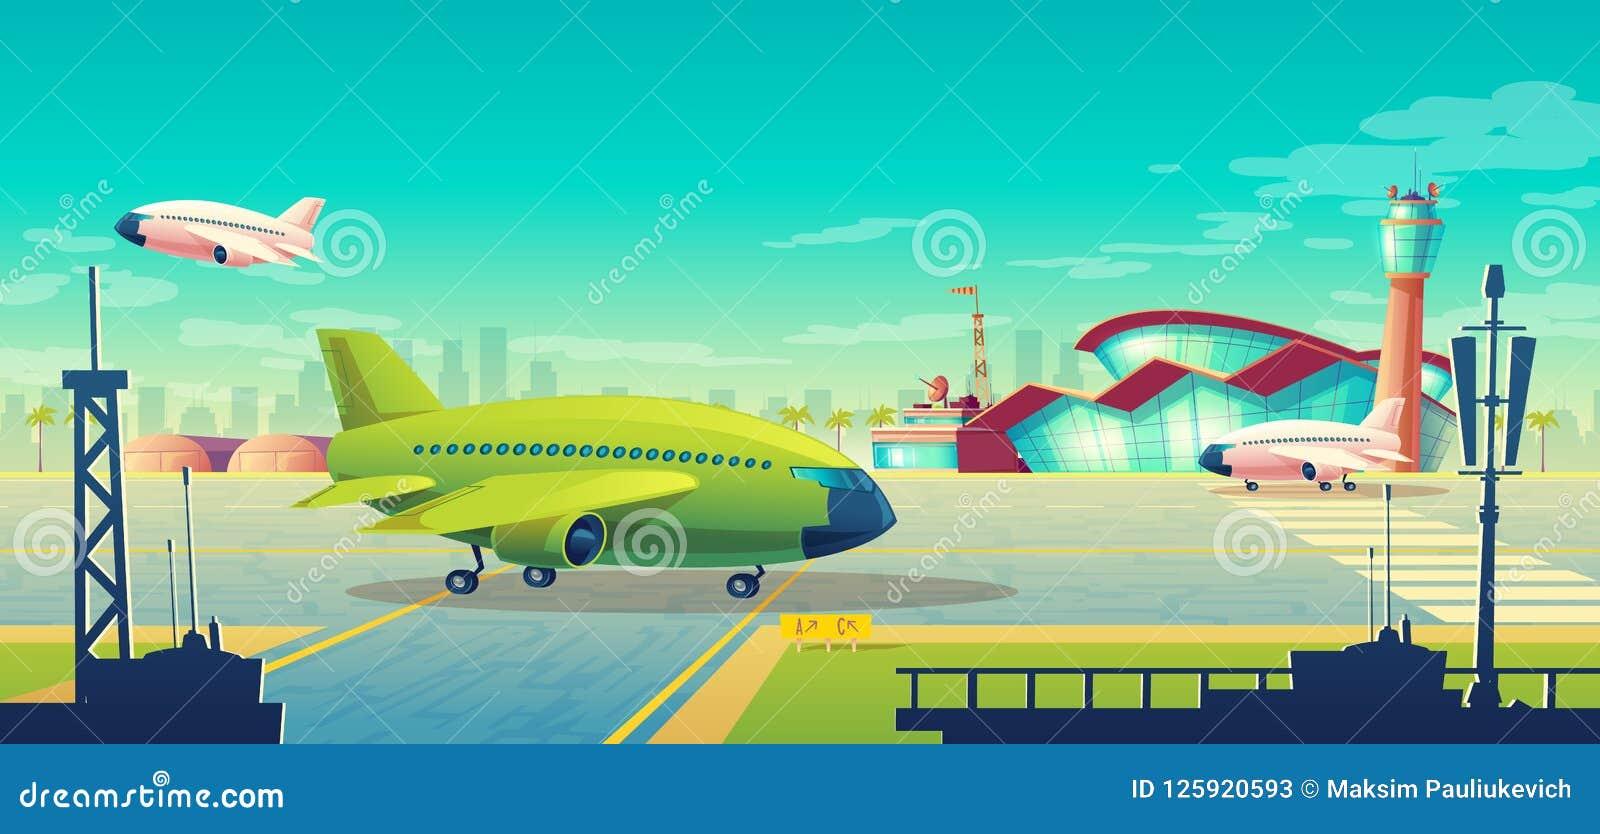 Vectorbeeldverhaalillustratie, groen lijnvliegtuig op baan